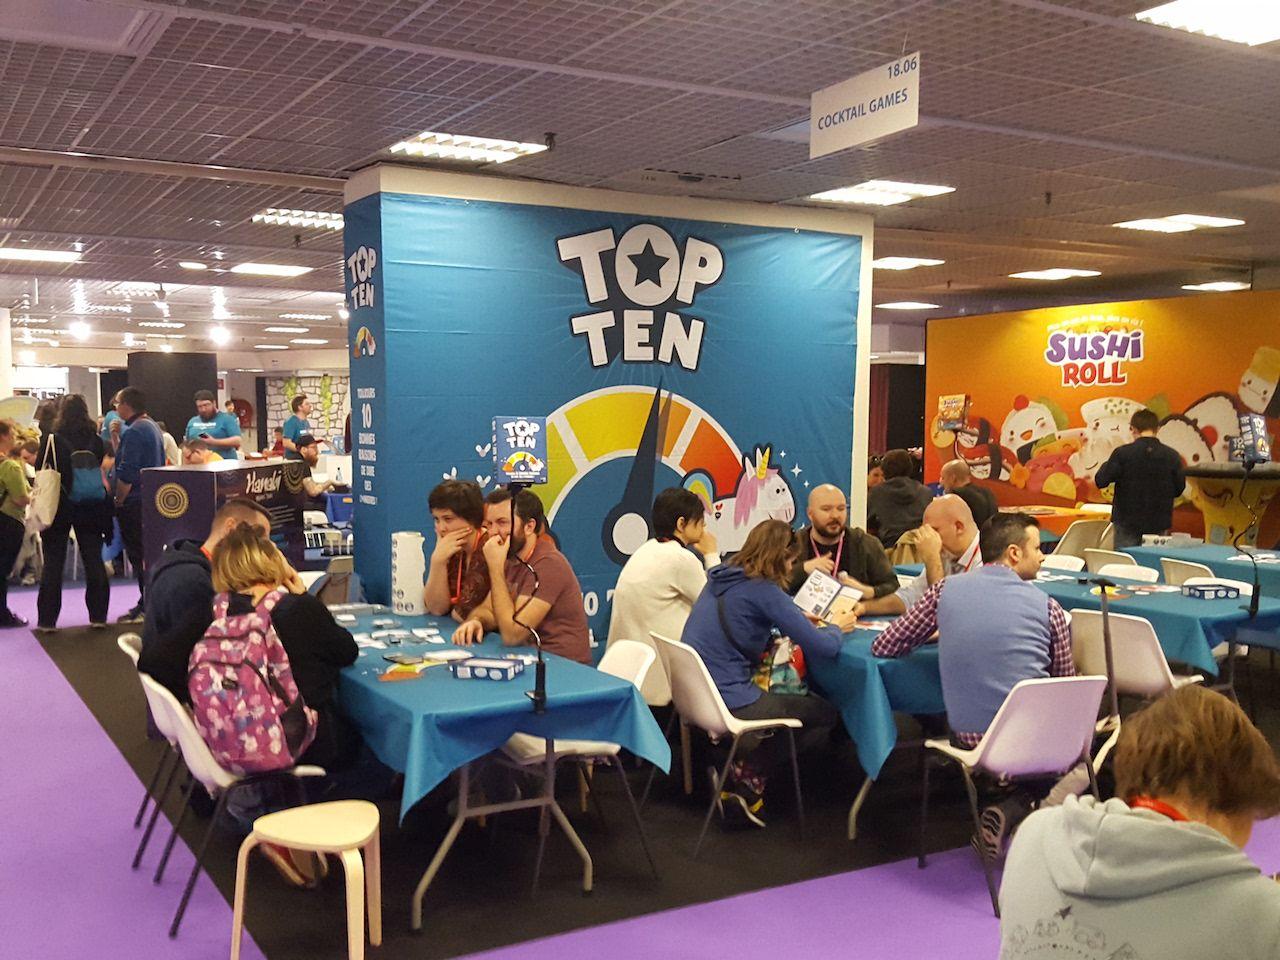 Top Ten d'Aurélien Picolet, le nouveau jeu d'ambiance chez Cocktail Games.